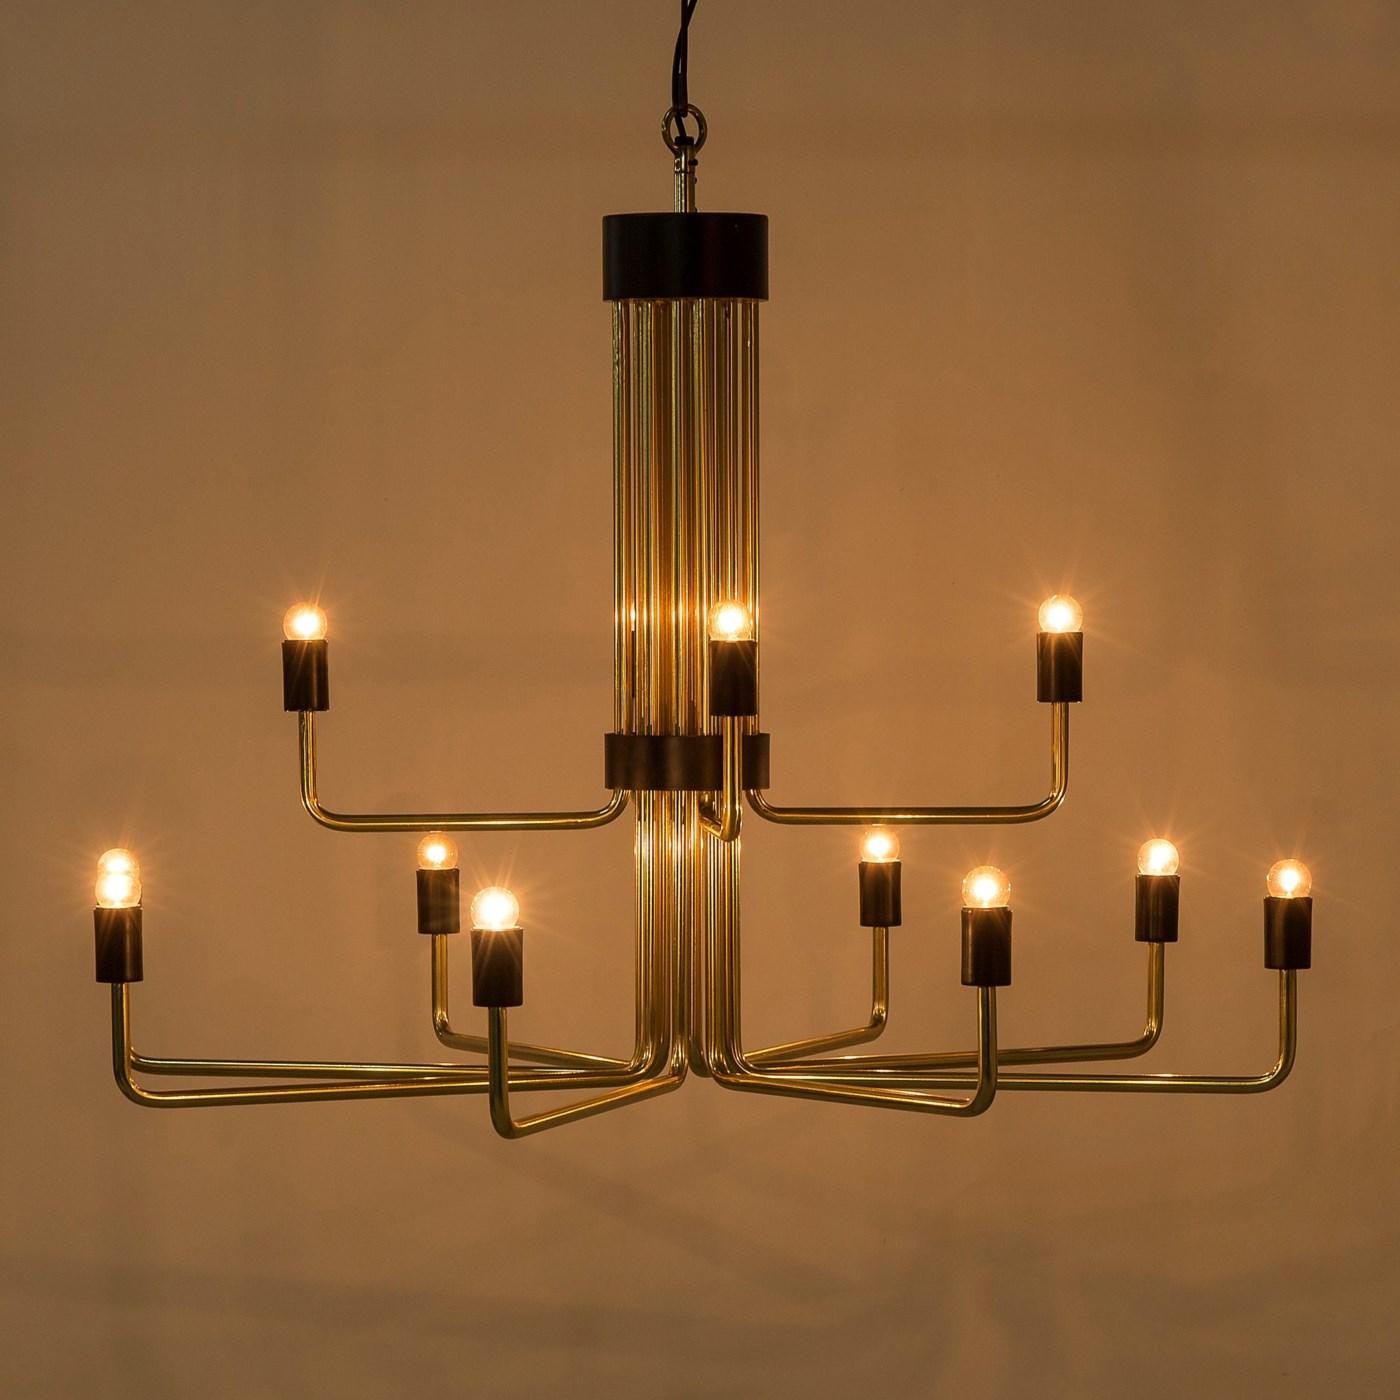 Le Marais Chandelier - 12 Light / Brass / 120v US